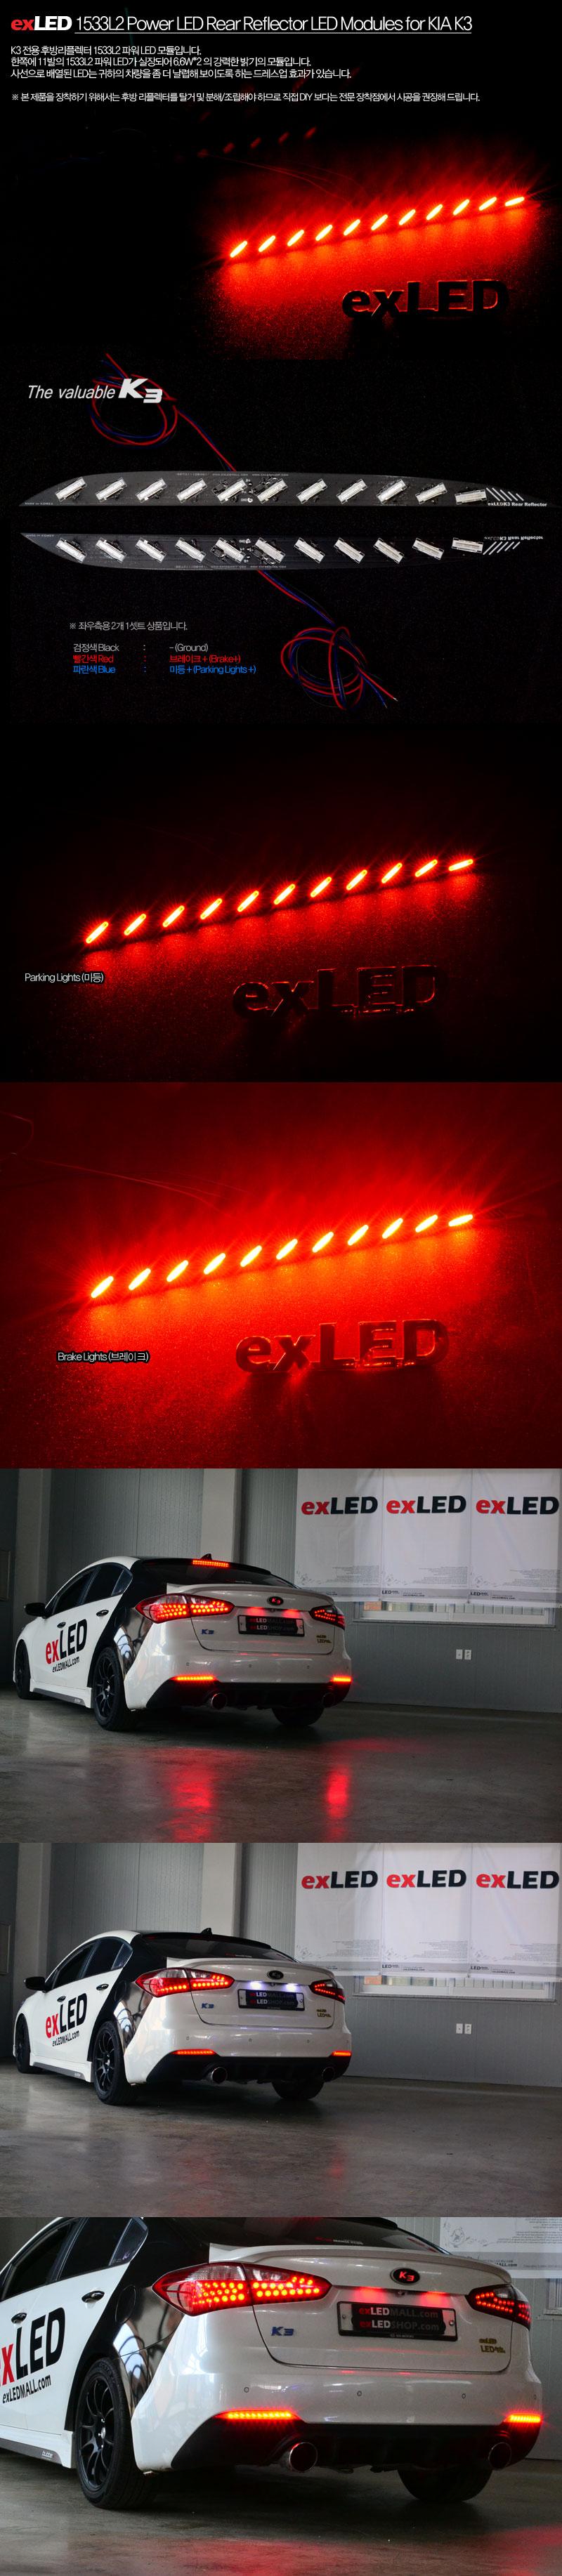 exLED K3用 1533L2 파워 LED 후방리플렉터 (6.6W *2 / 미등&브레이크)